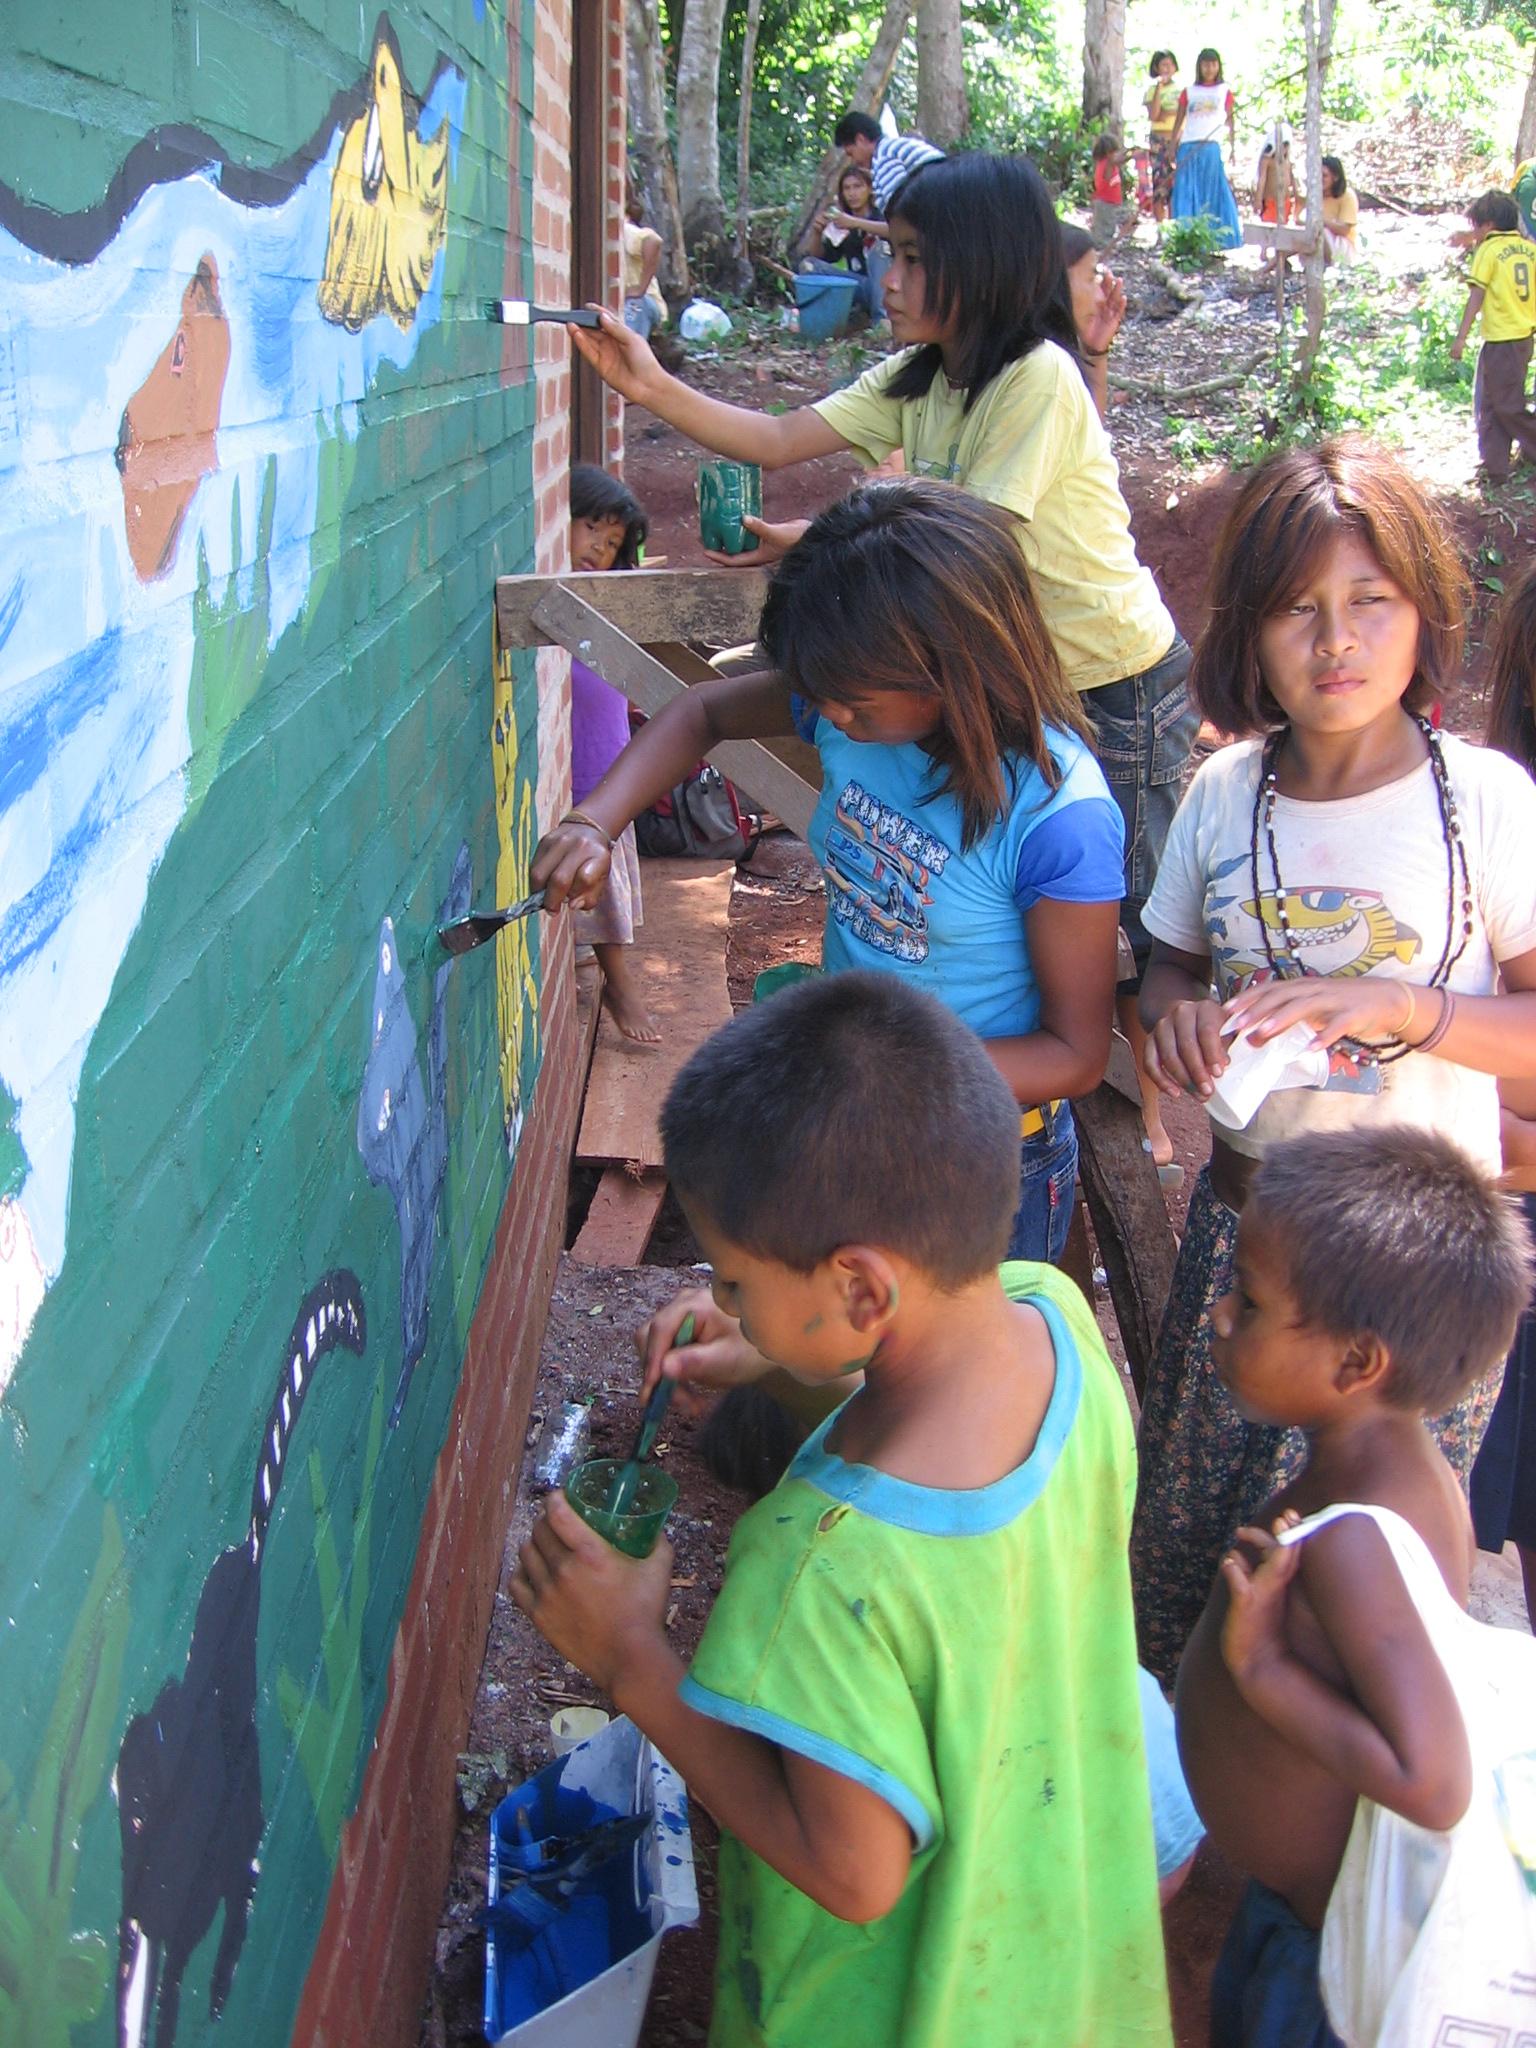 Los artistas fueron los niños de la aldea. Fotos de Marija